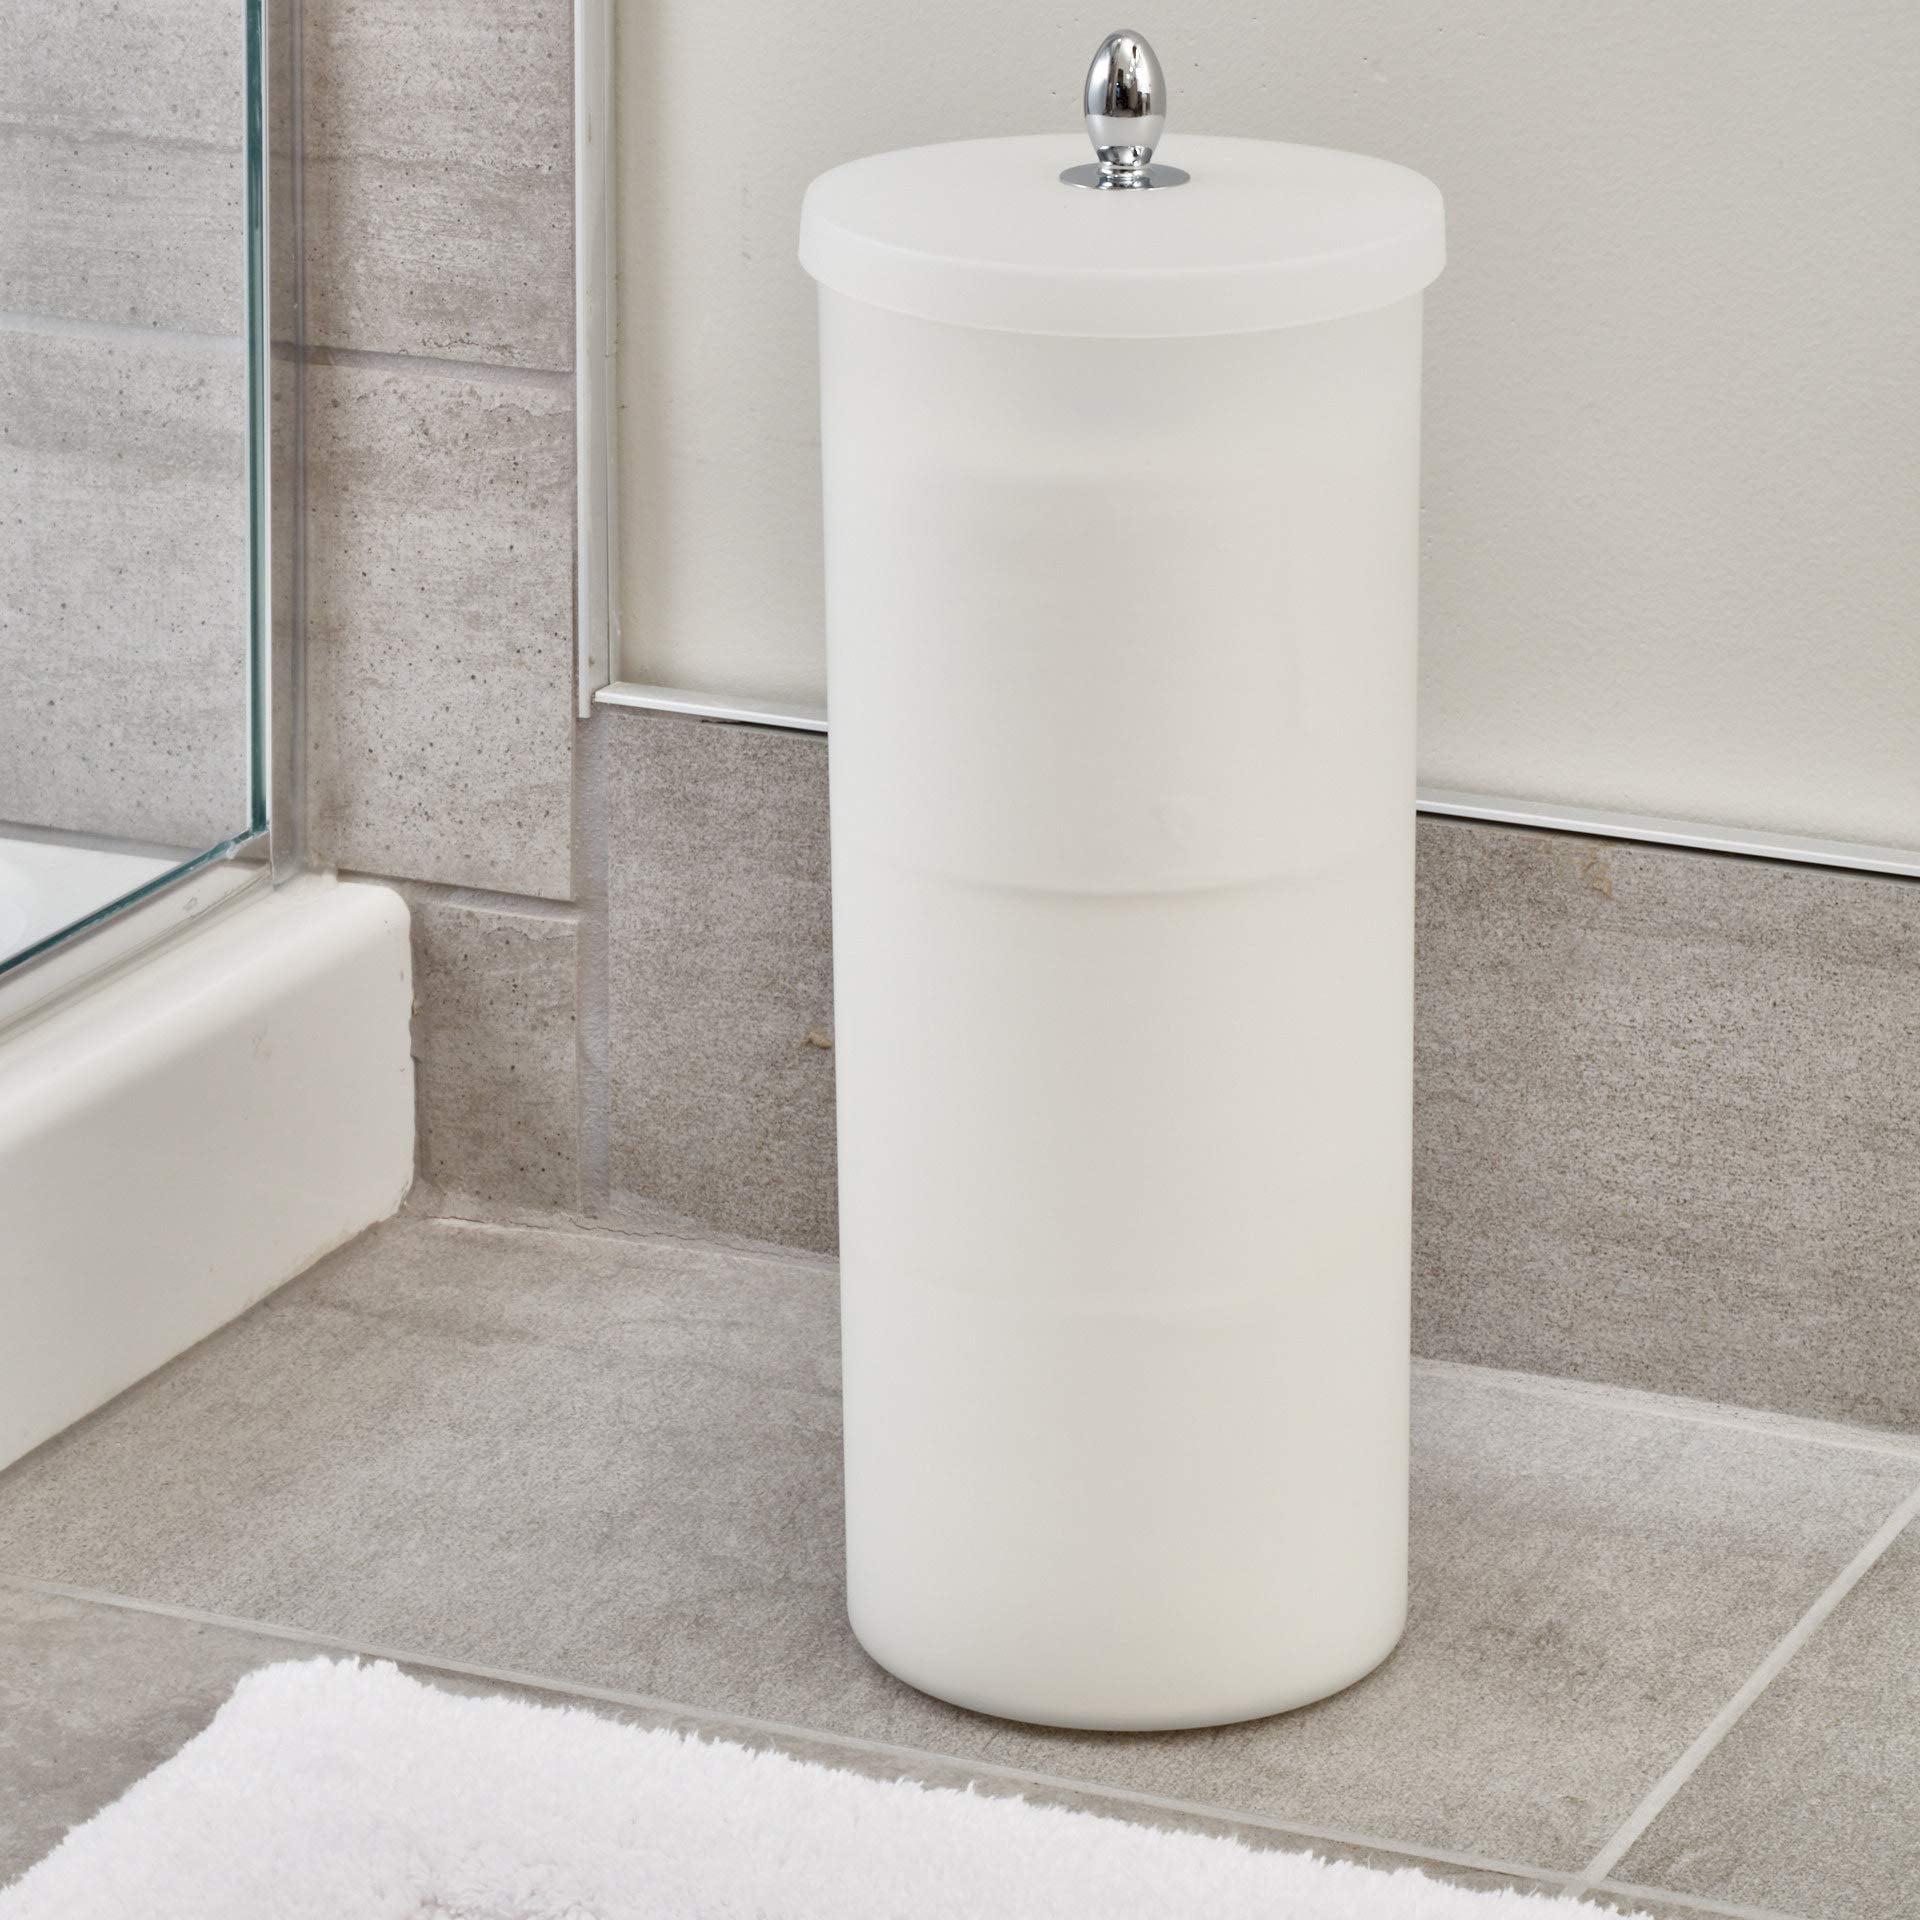 Orb Toilet Paper Holder Canister White//Chrome